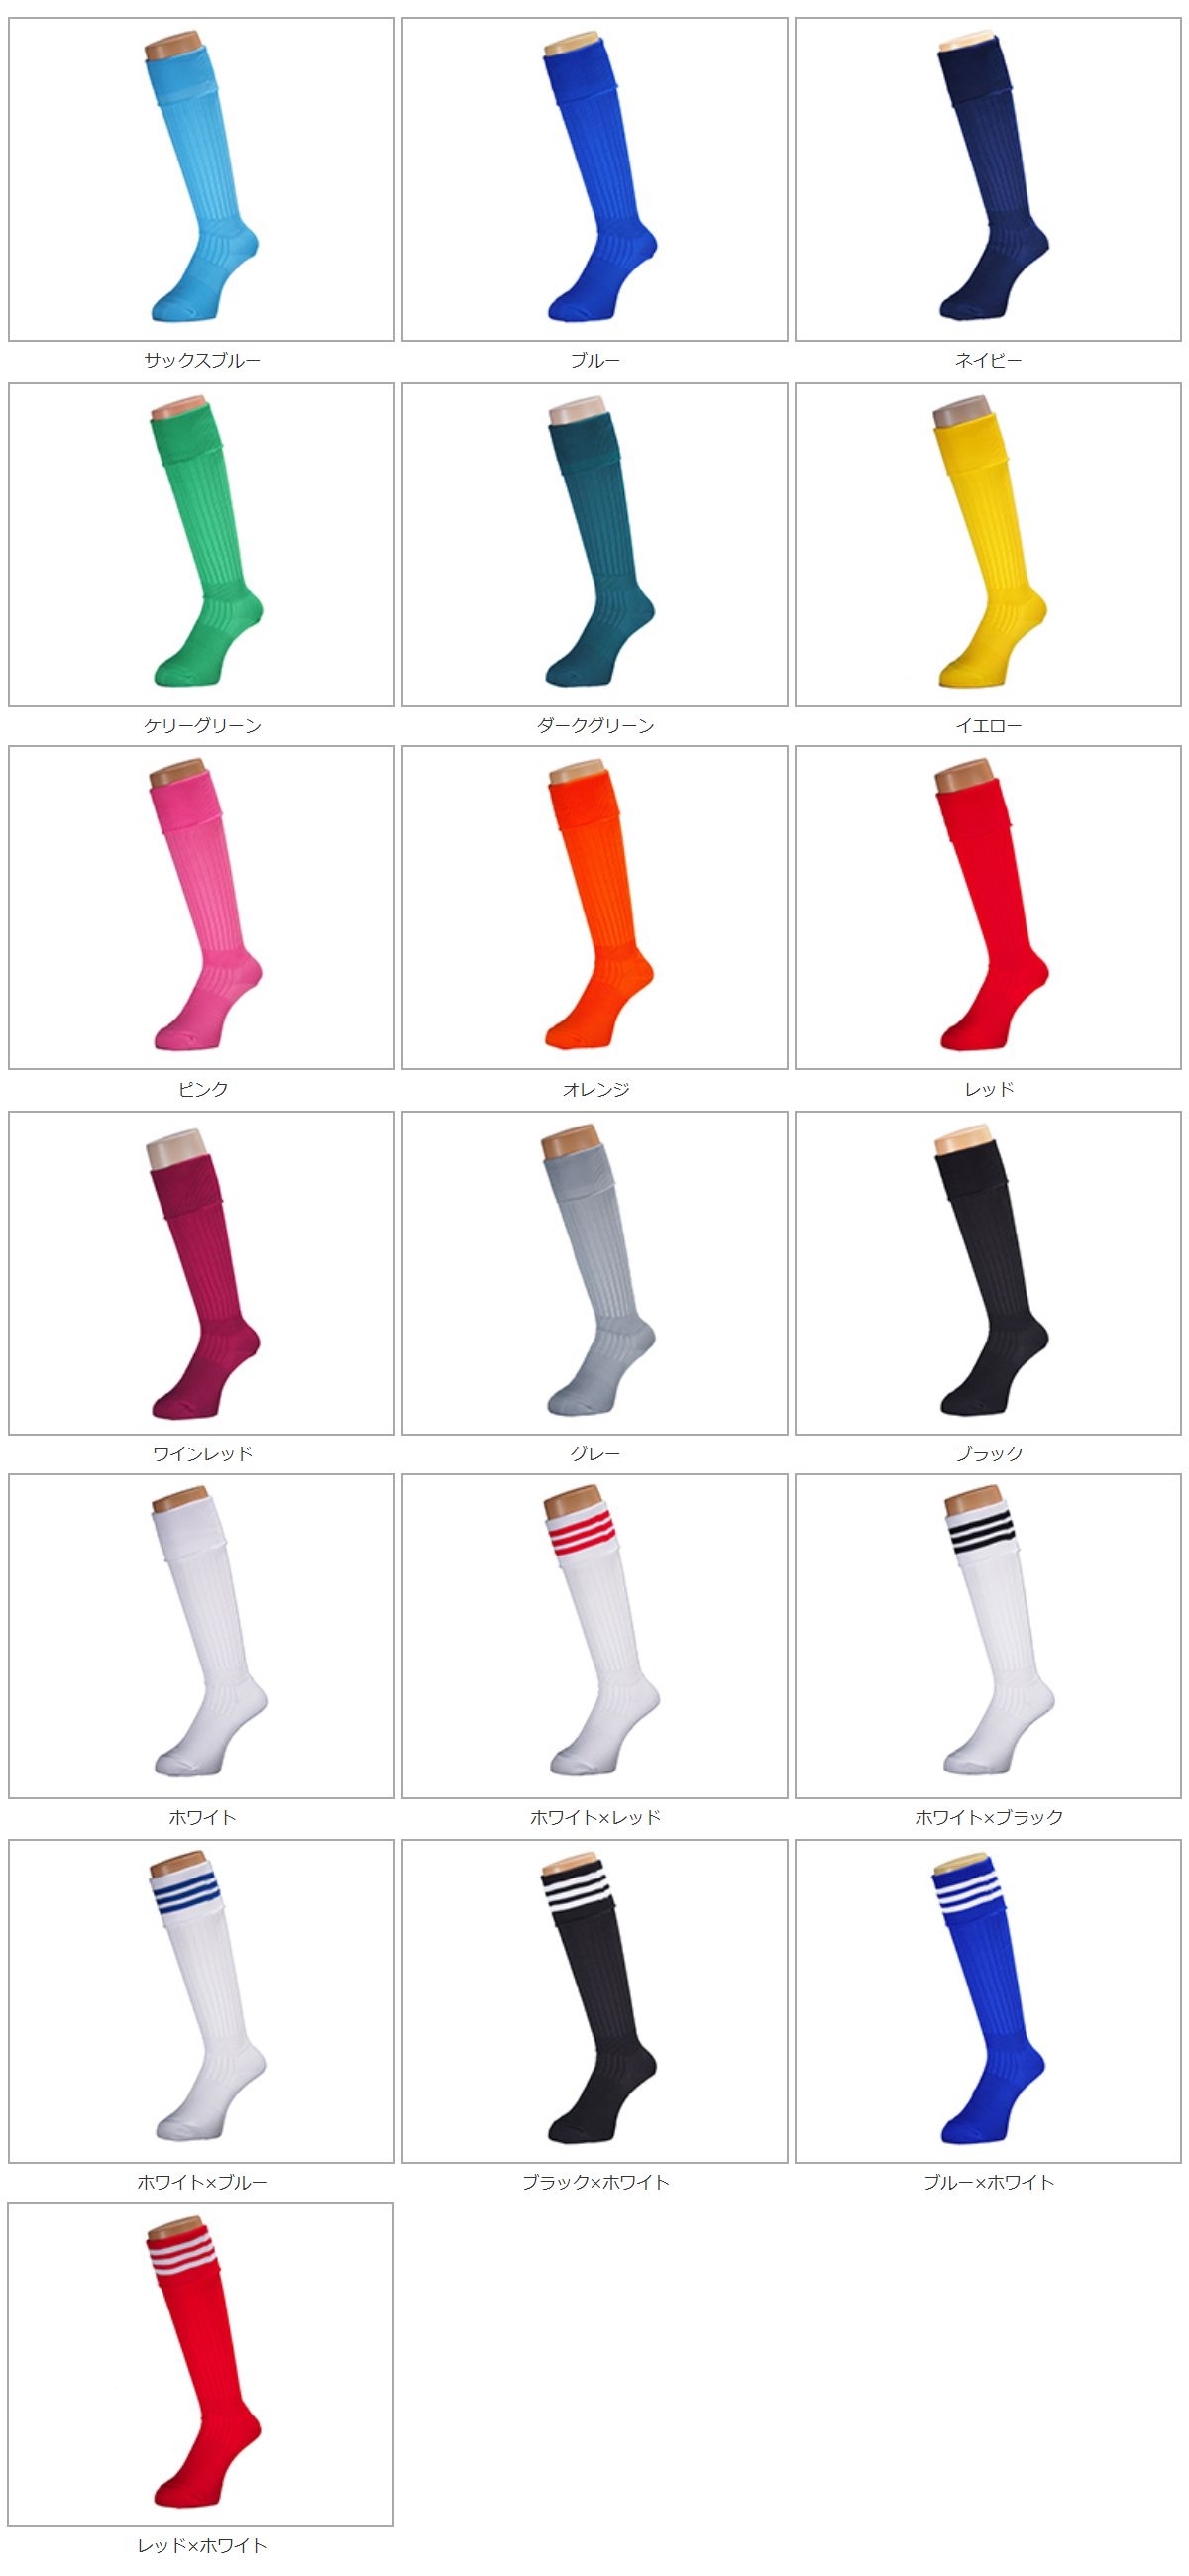 ドッジボール用ソックスの定番カラー19種類色見本